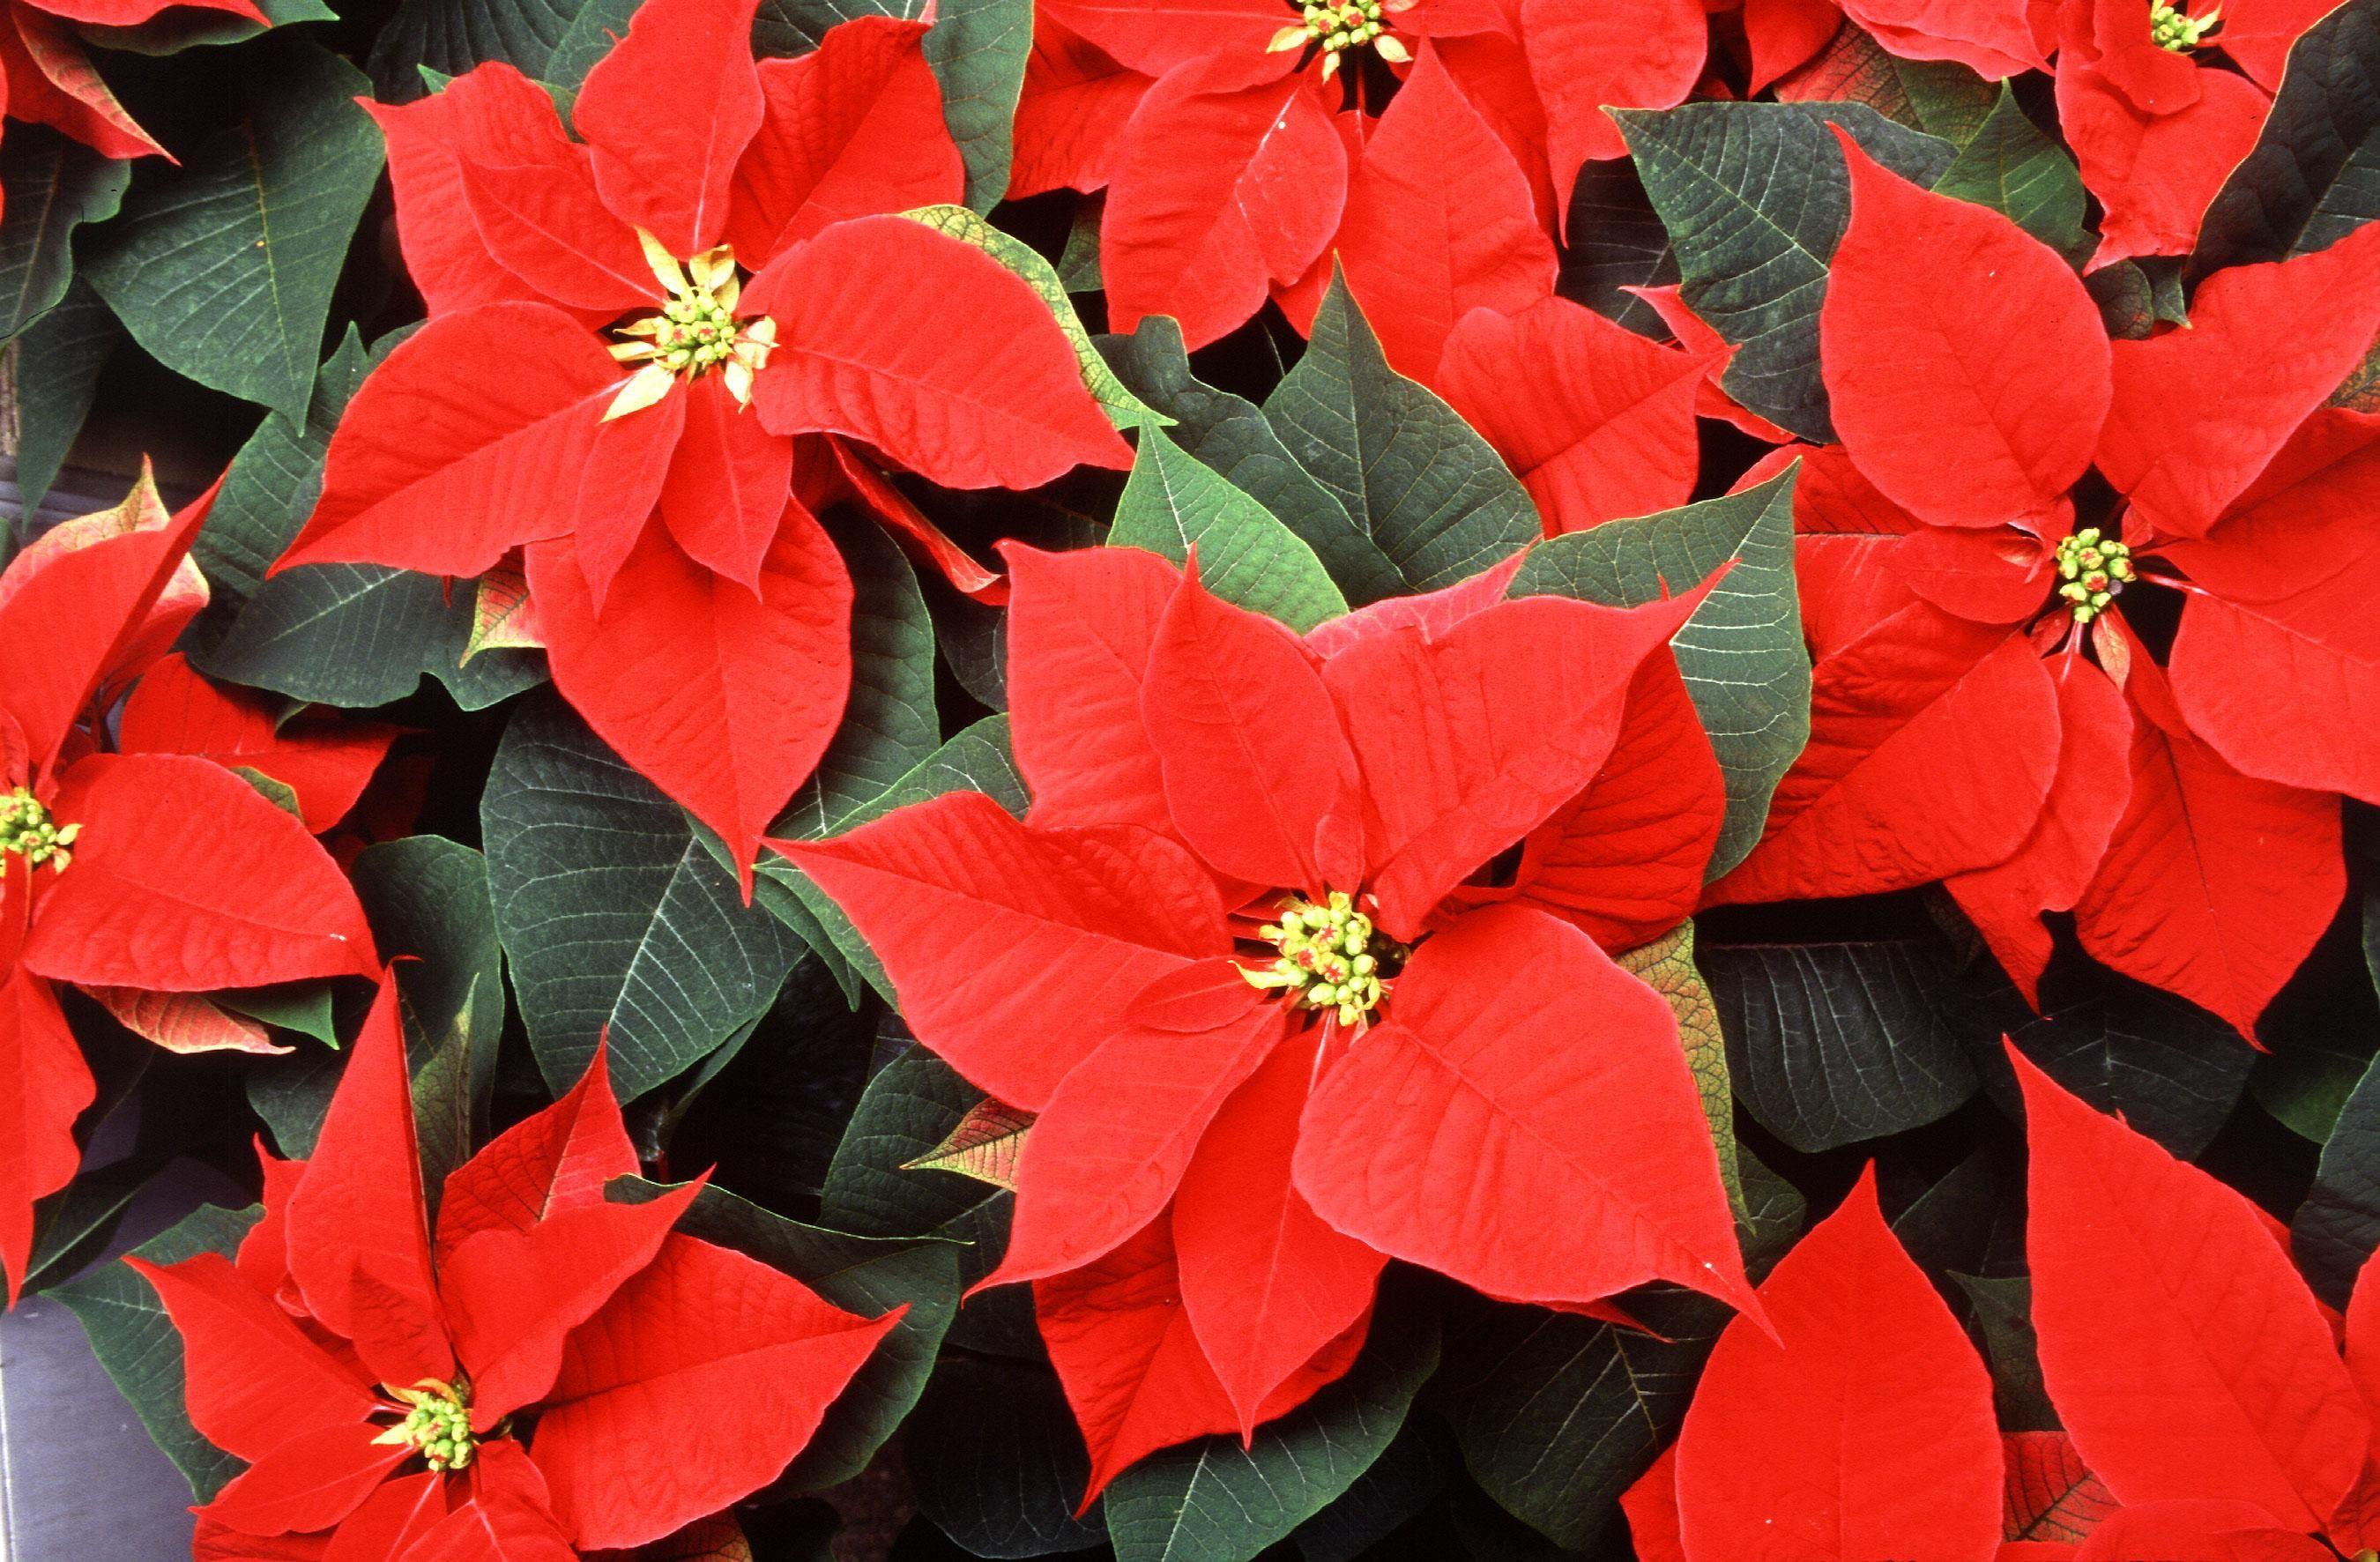 زهرة الكريسماس